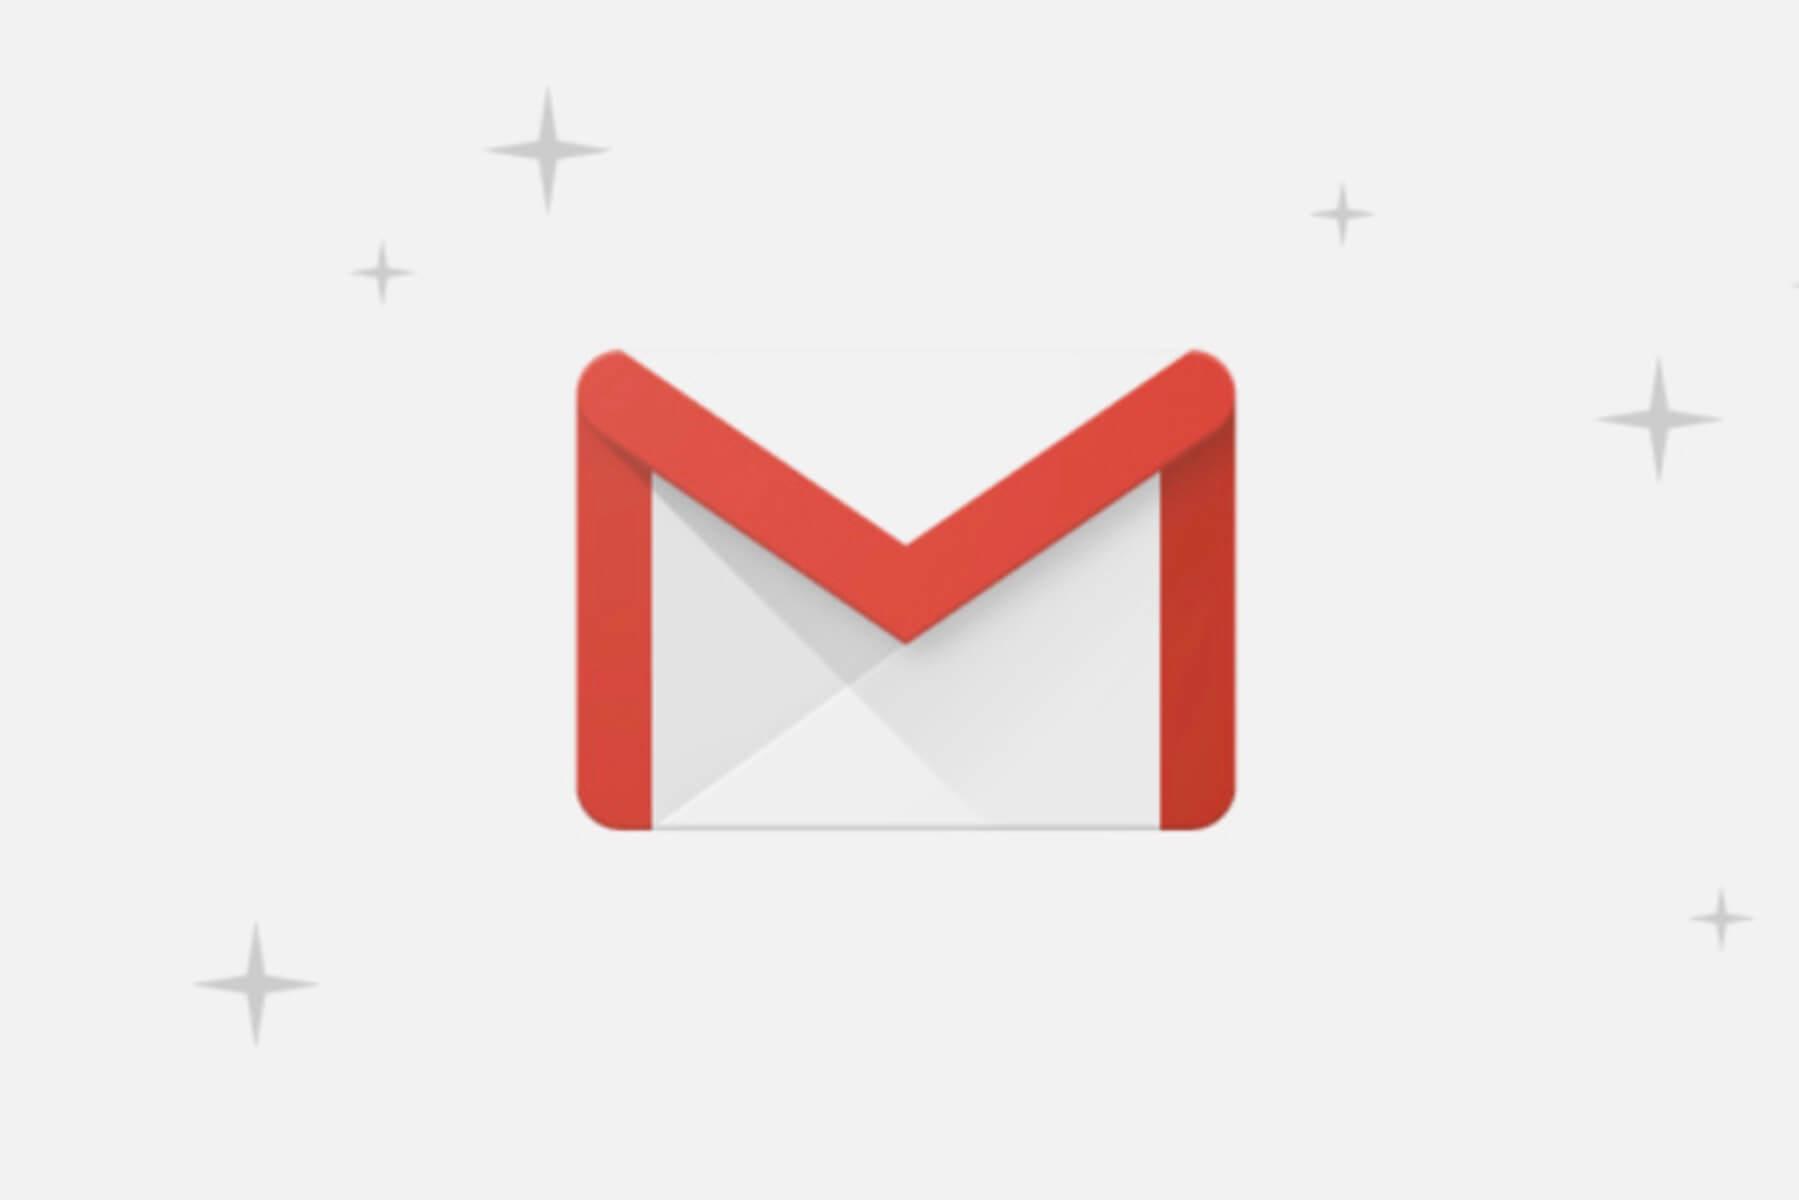 Δεν ανοίγει το email σας; Δείτε γιατί